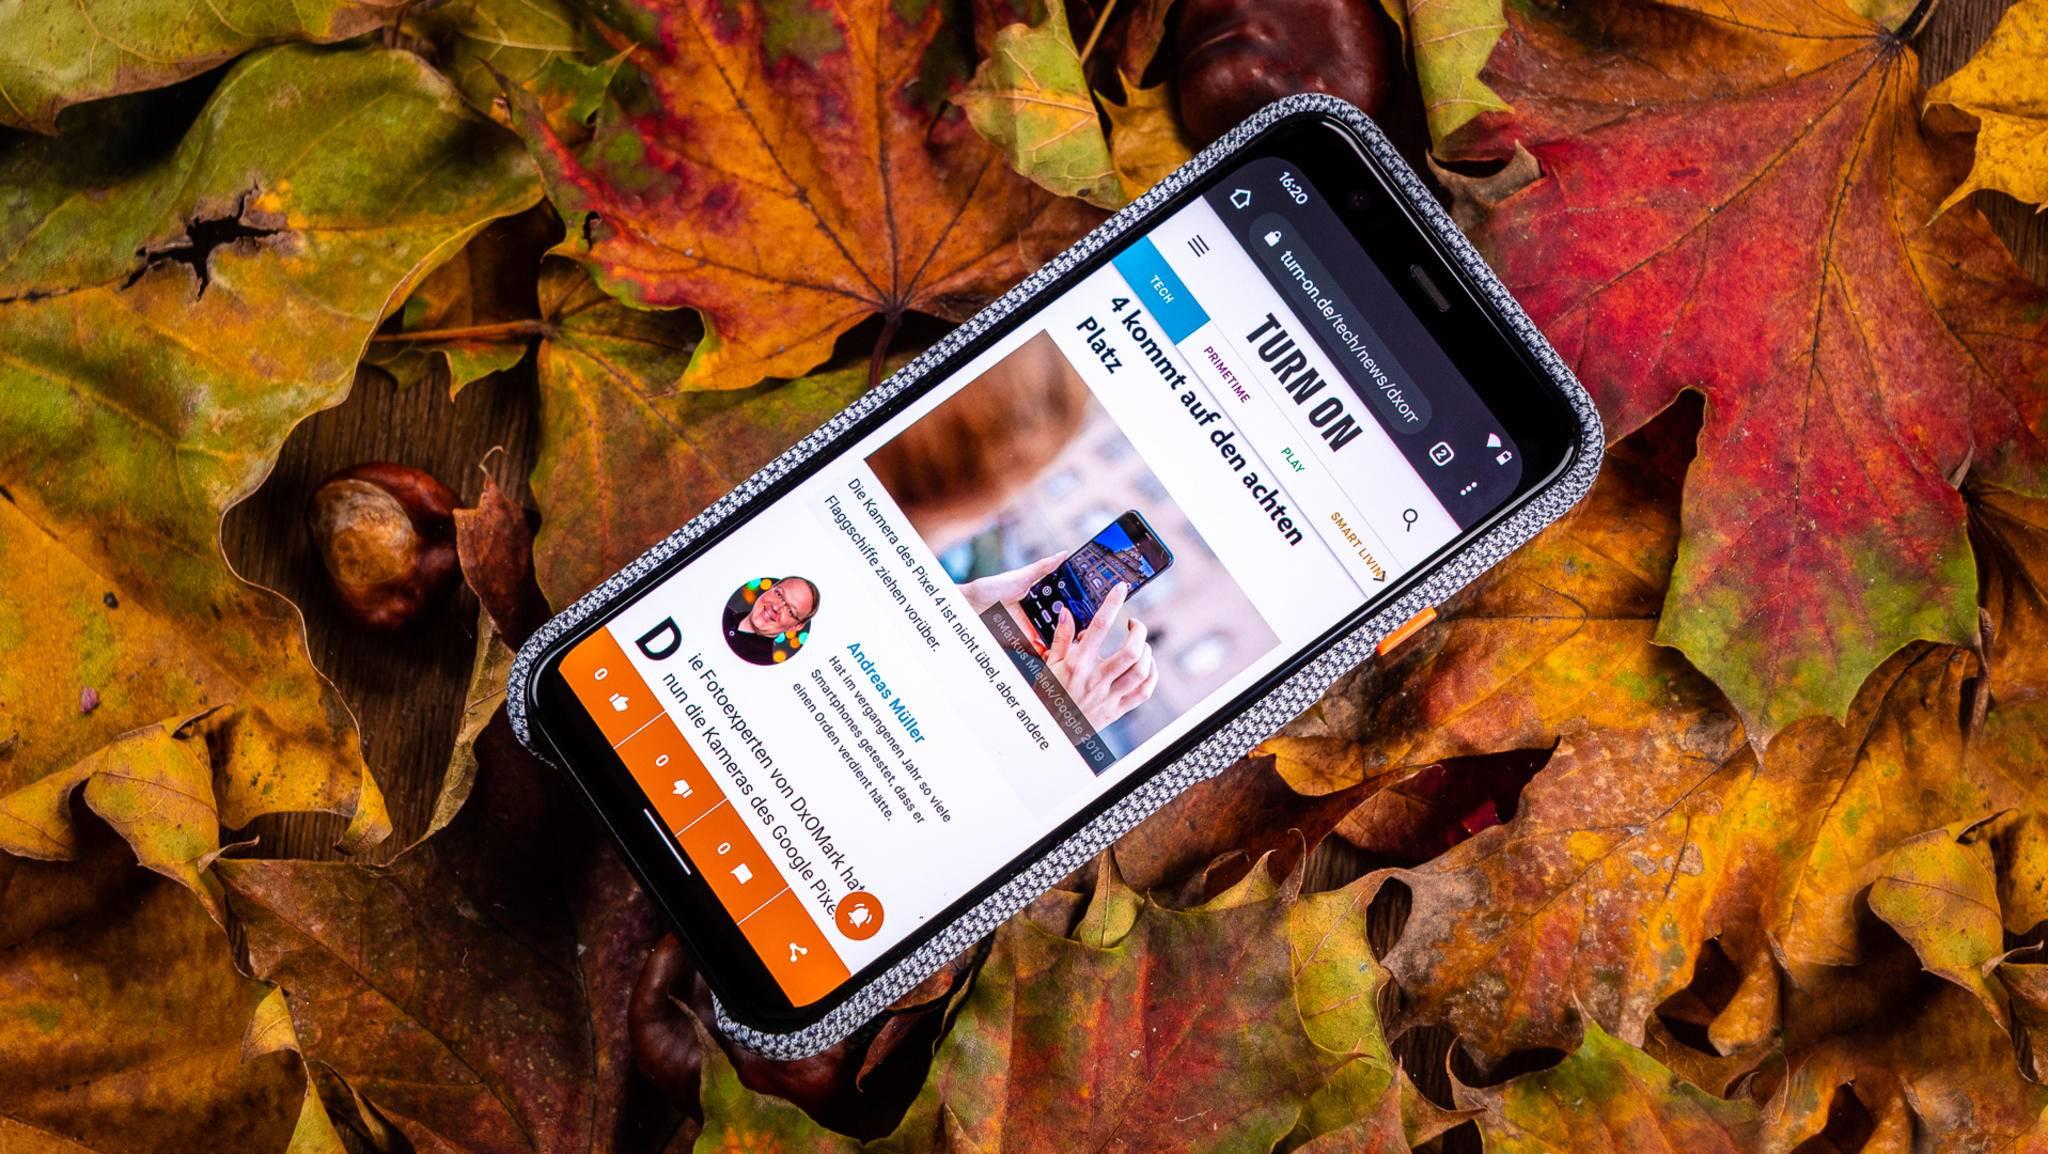 Nutzer von Smartphones mit Android 10 (im Foto: Pixel 4) haben derzeit mit einfrierenden Nutzeroberflächen zu kämpfen.